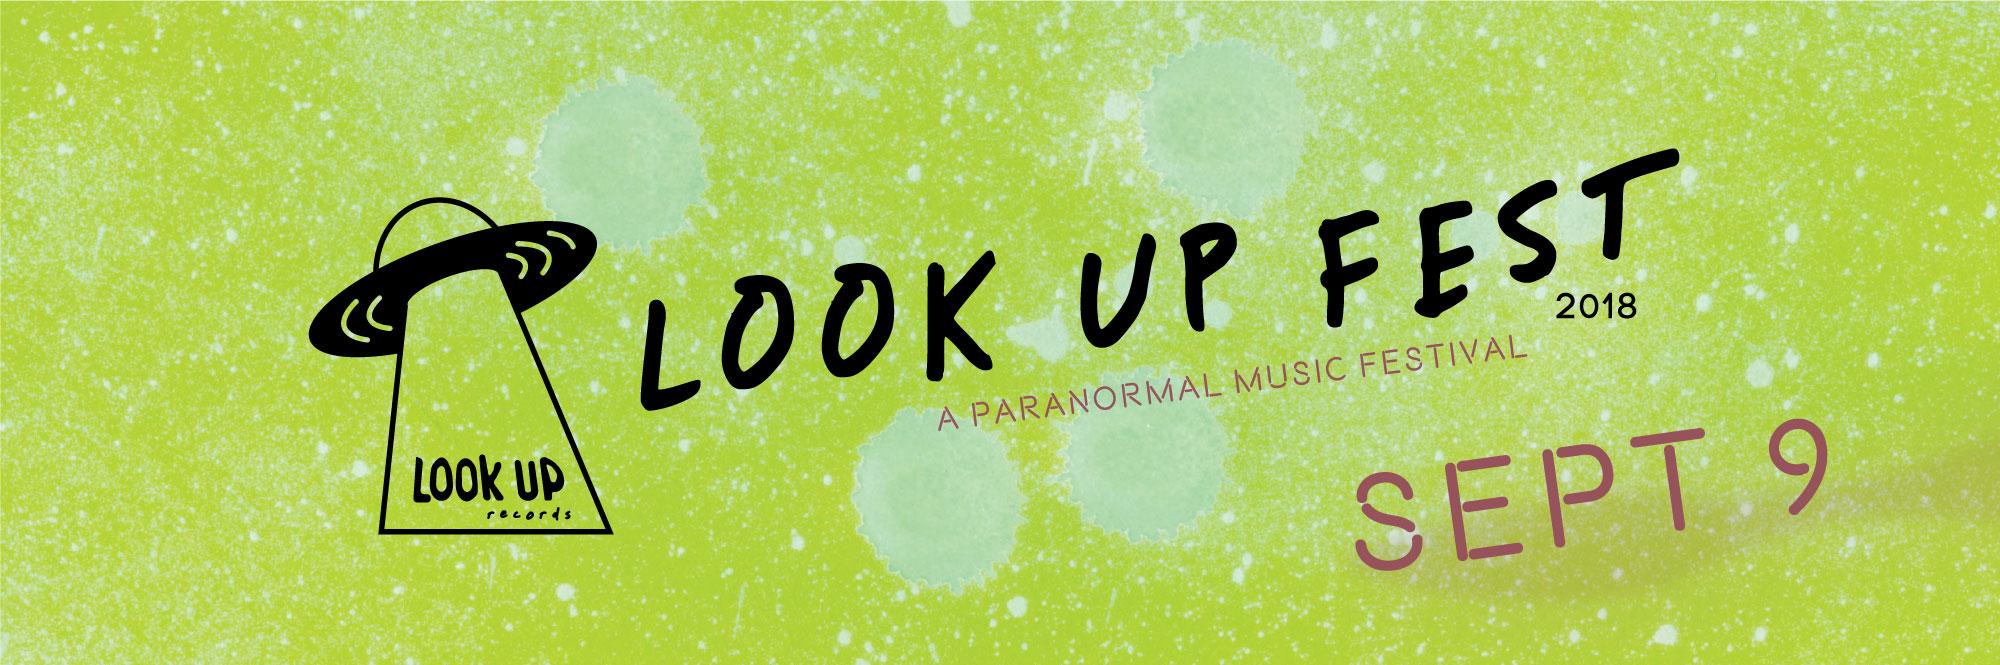 Look-Up-Fest-Banner.jpg